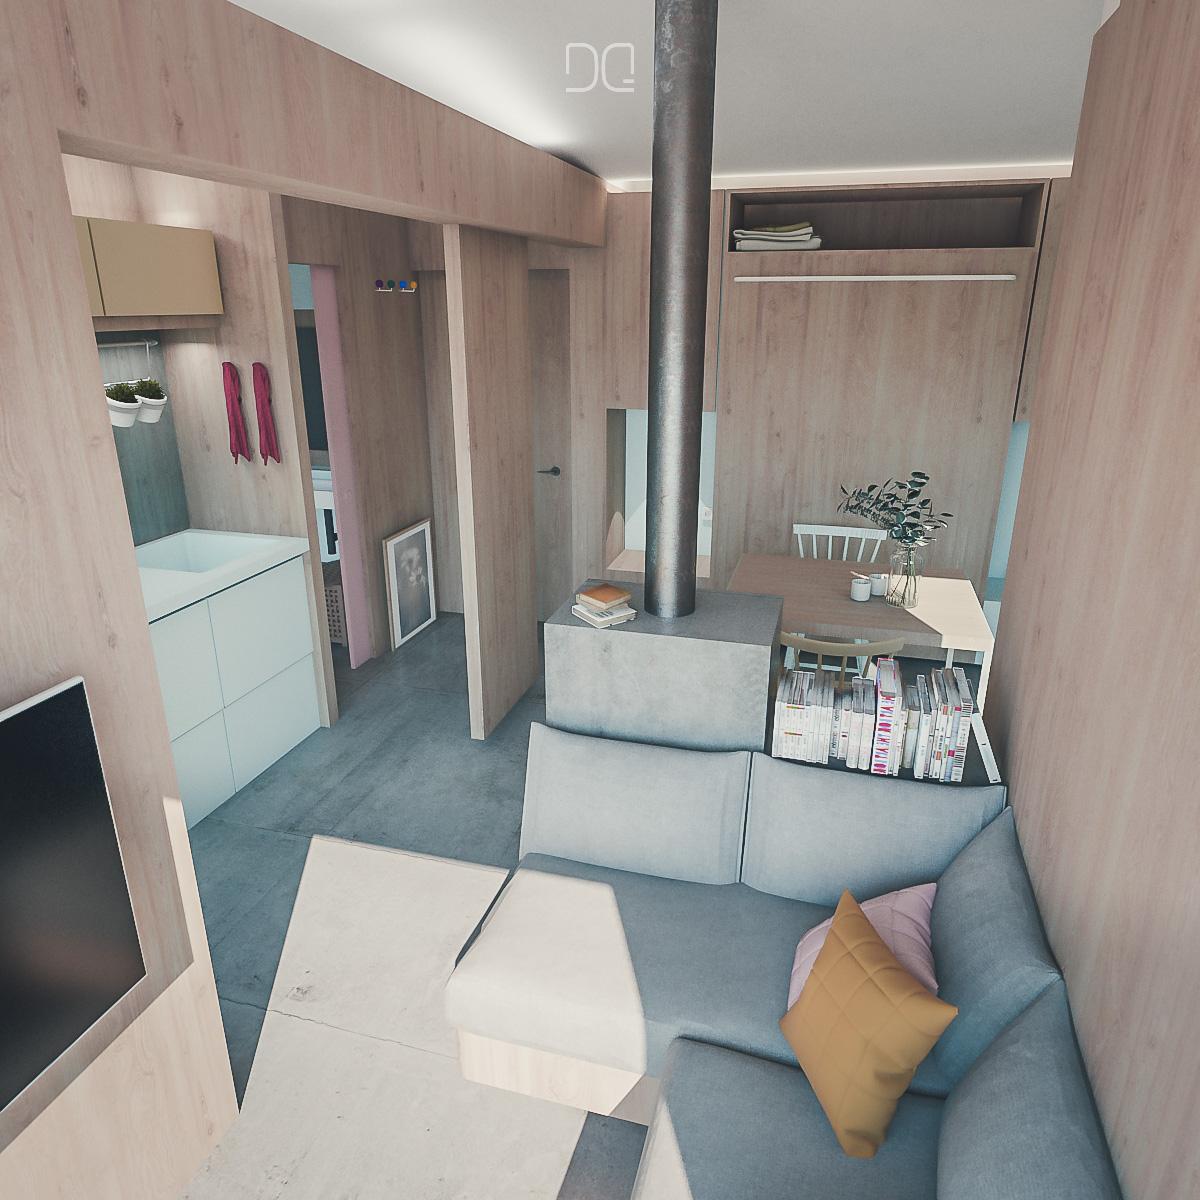 DQ-arquitectura-y-paisaje-minicasa-madera-salón-rectangular